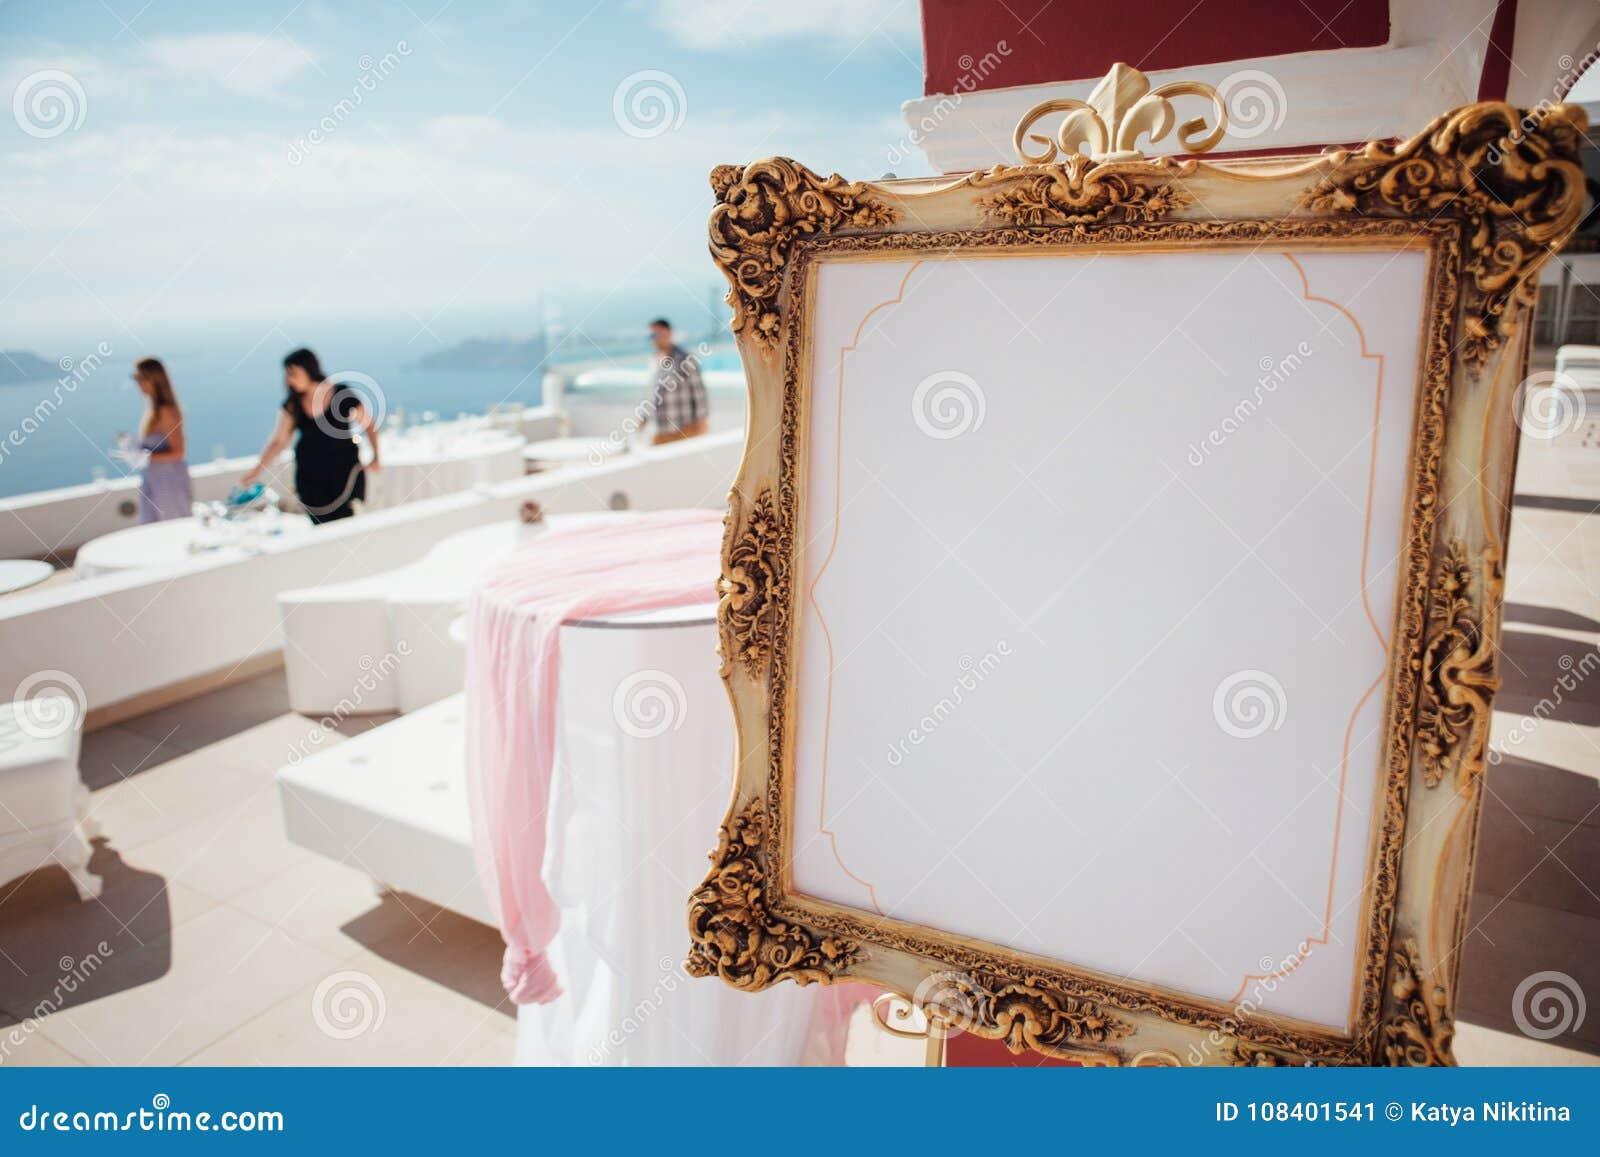 Preparación para un banquete de la boda